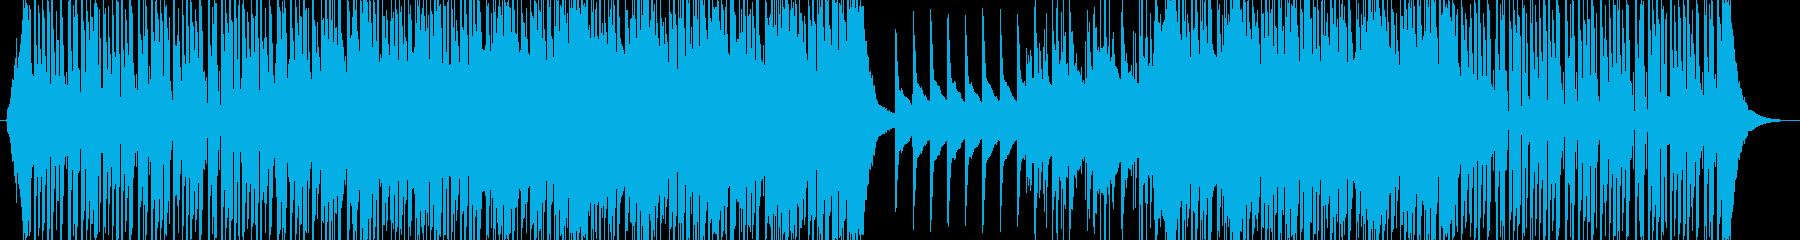 ブレイクビーツ ファンタジー 魔法...の再生済みの波形